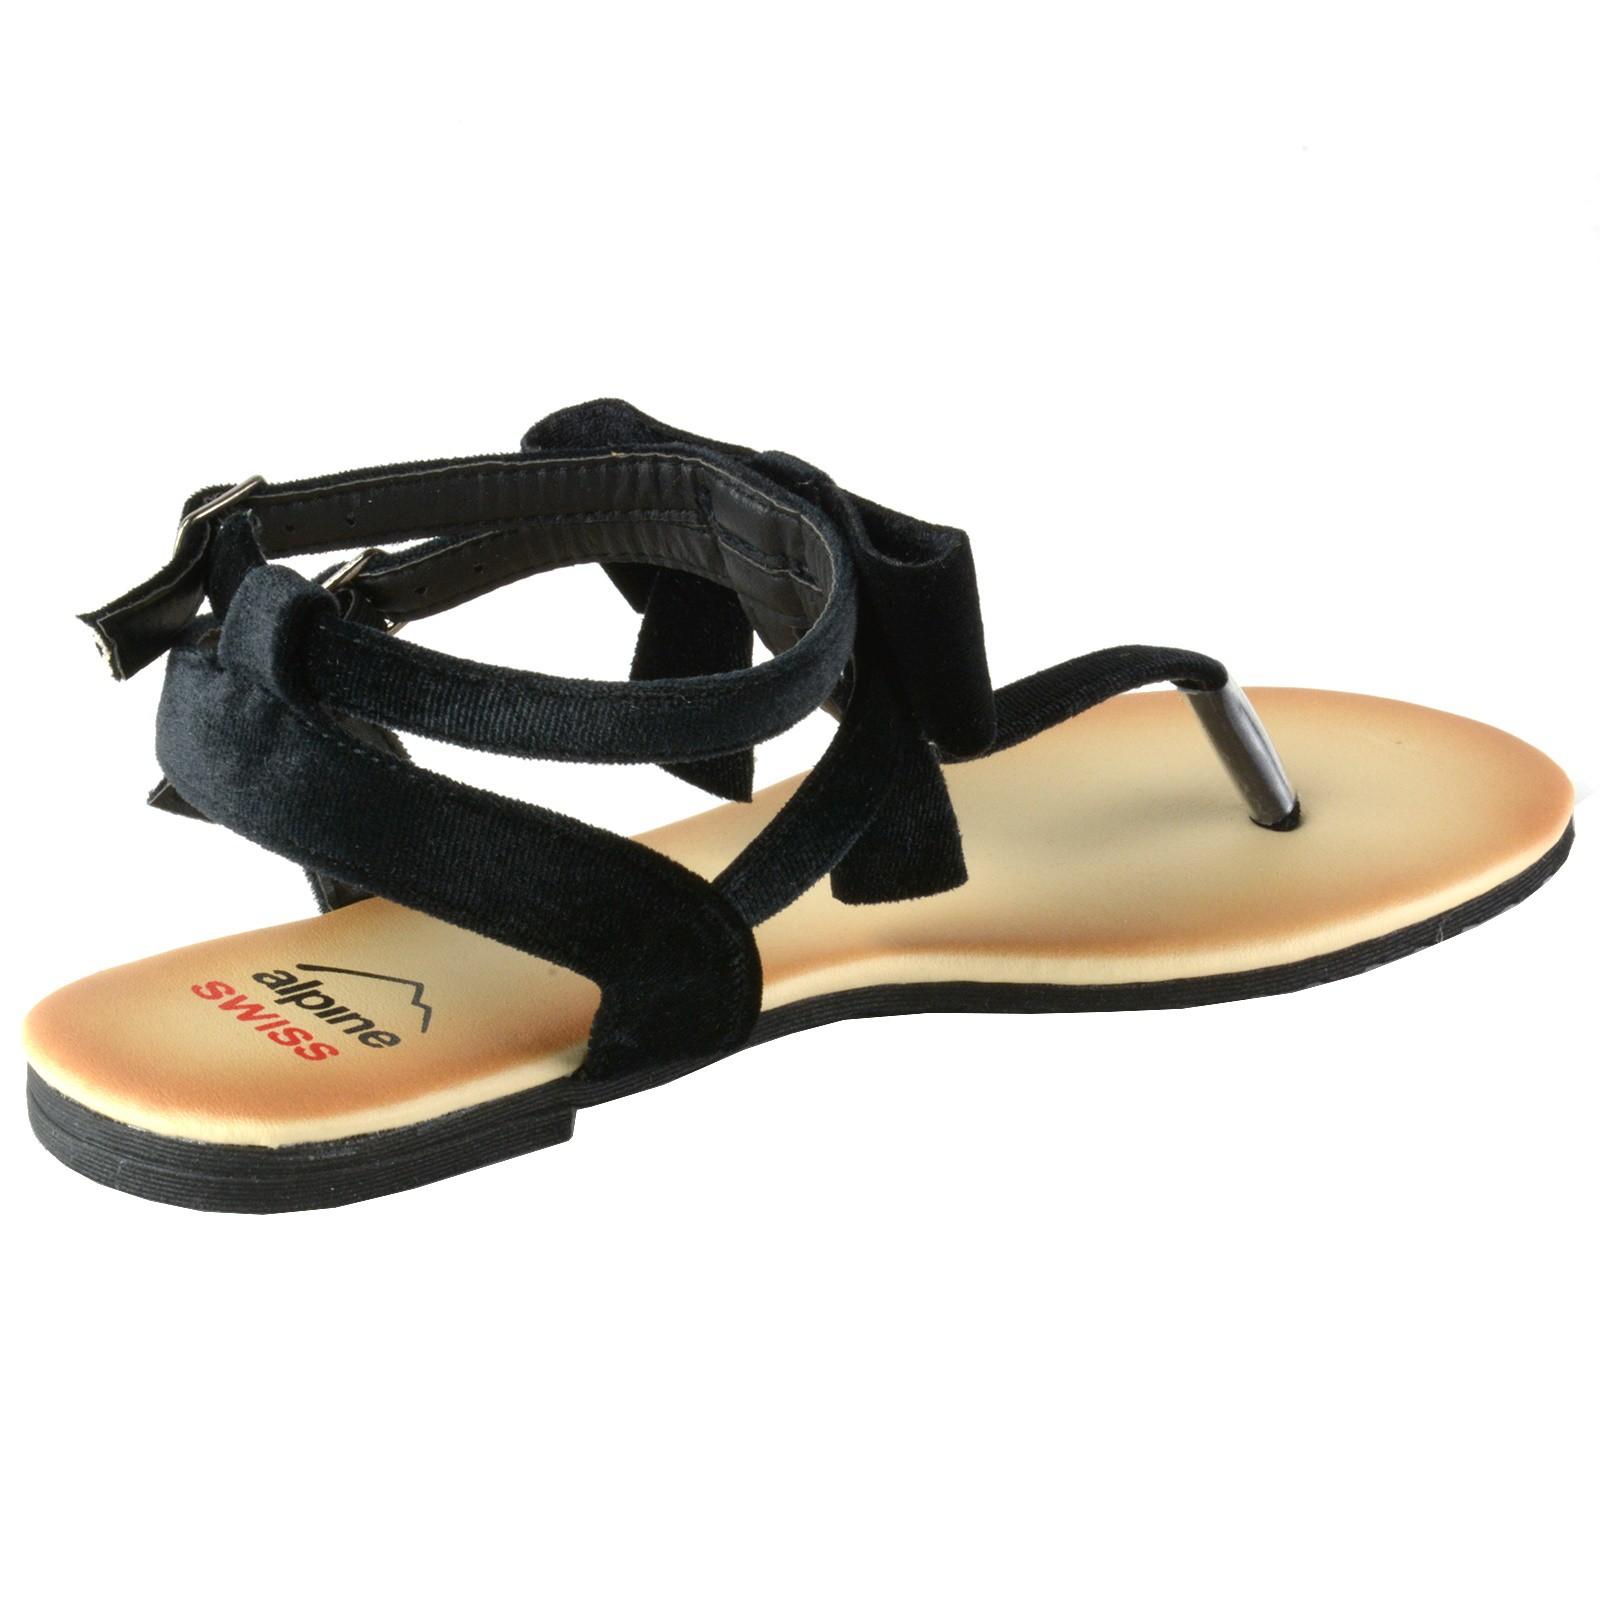 cba96c65719 Alpine Swiss Womens Velvet Bow Sandals T-Strap Thong Gladiator ...